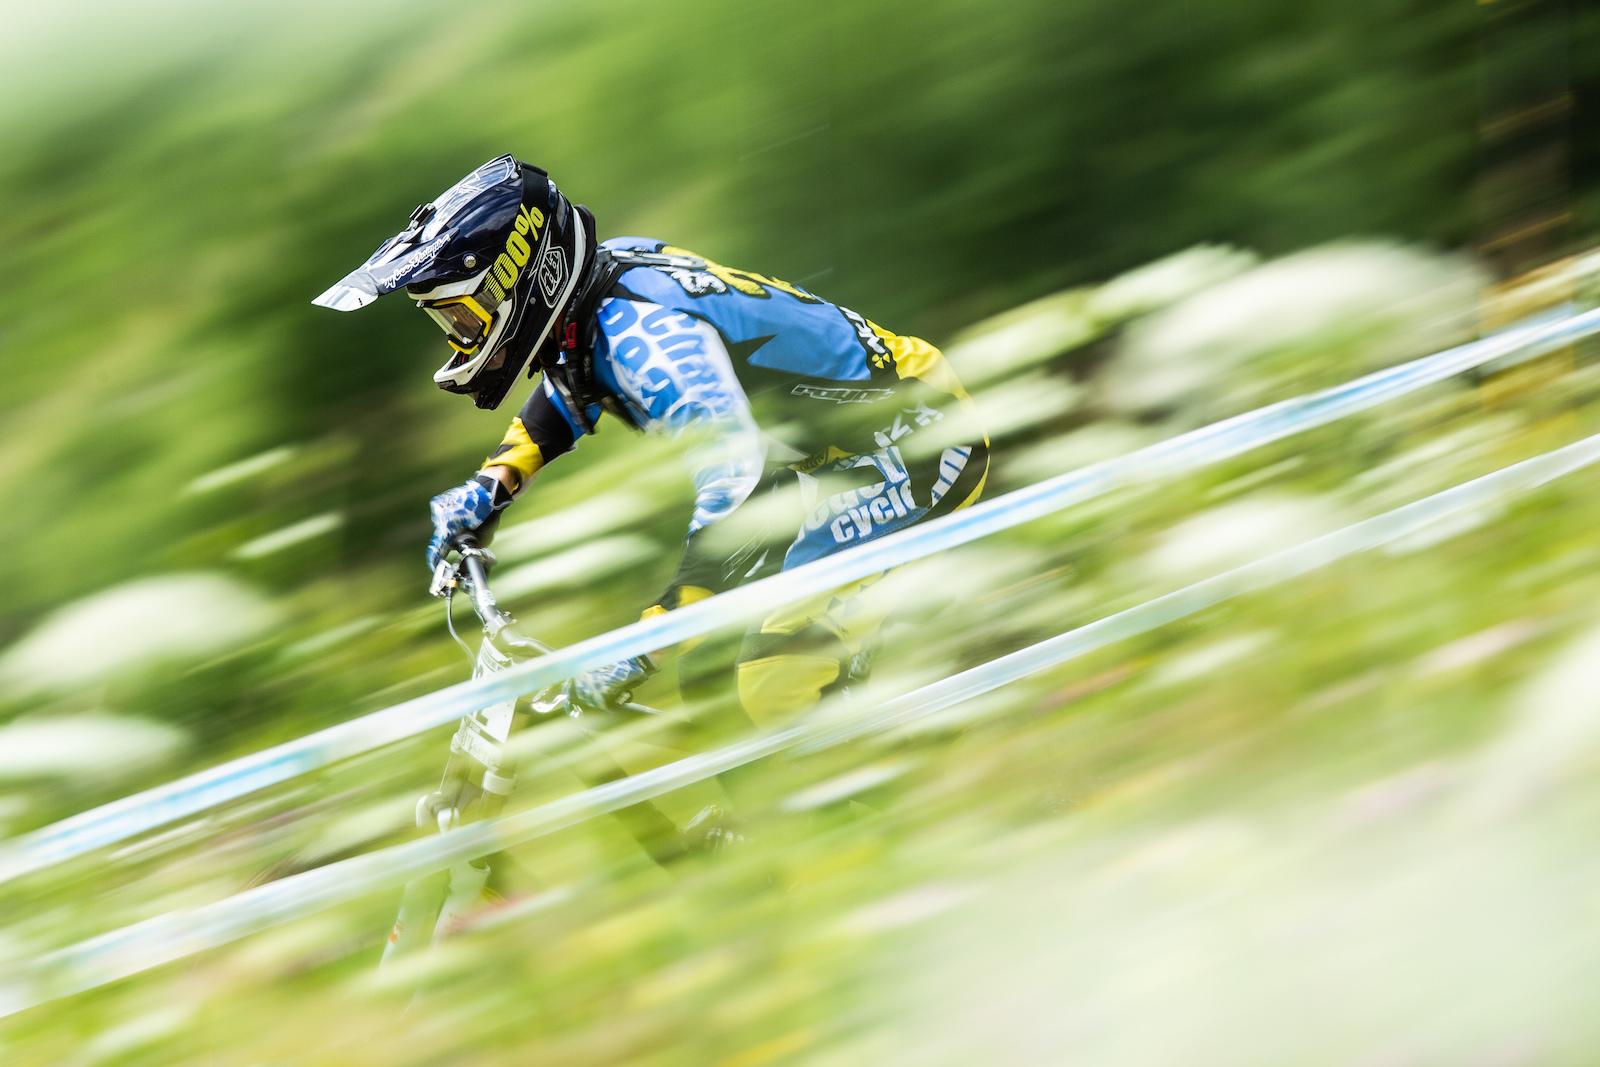 @bortels - Joe Smith, Val d'Isère 2012